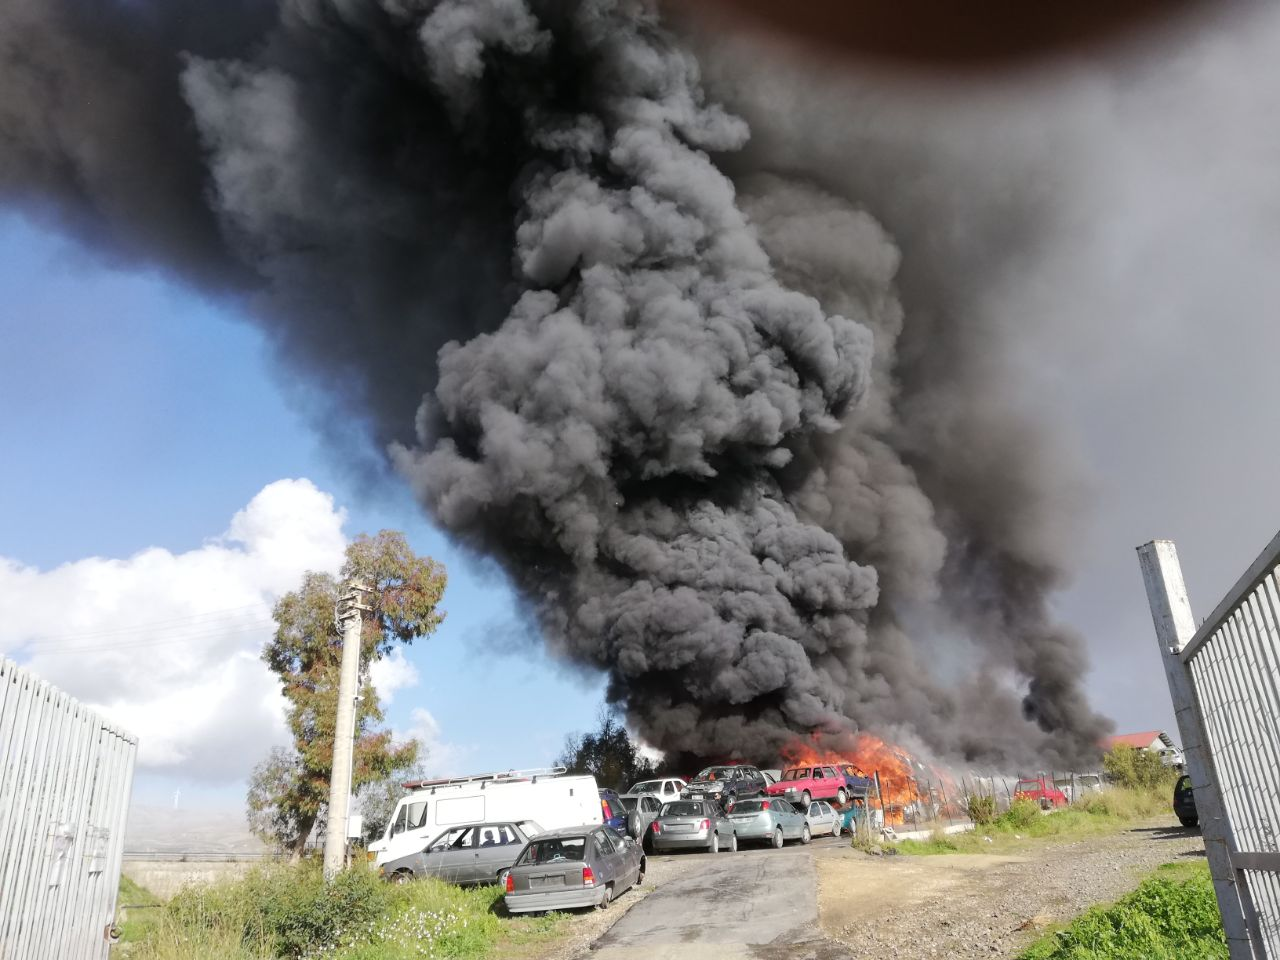 Vasto incendio nel Catanese: un centinaio di auto in fiamme, le FOTO e i VIDEO di quanto sta accadendo